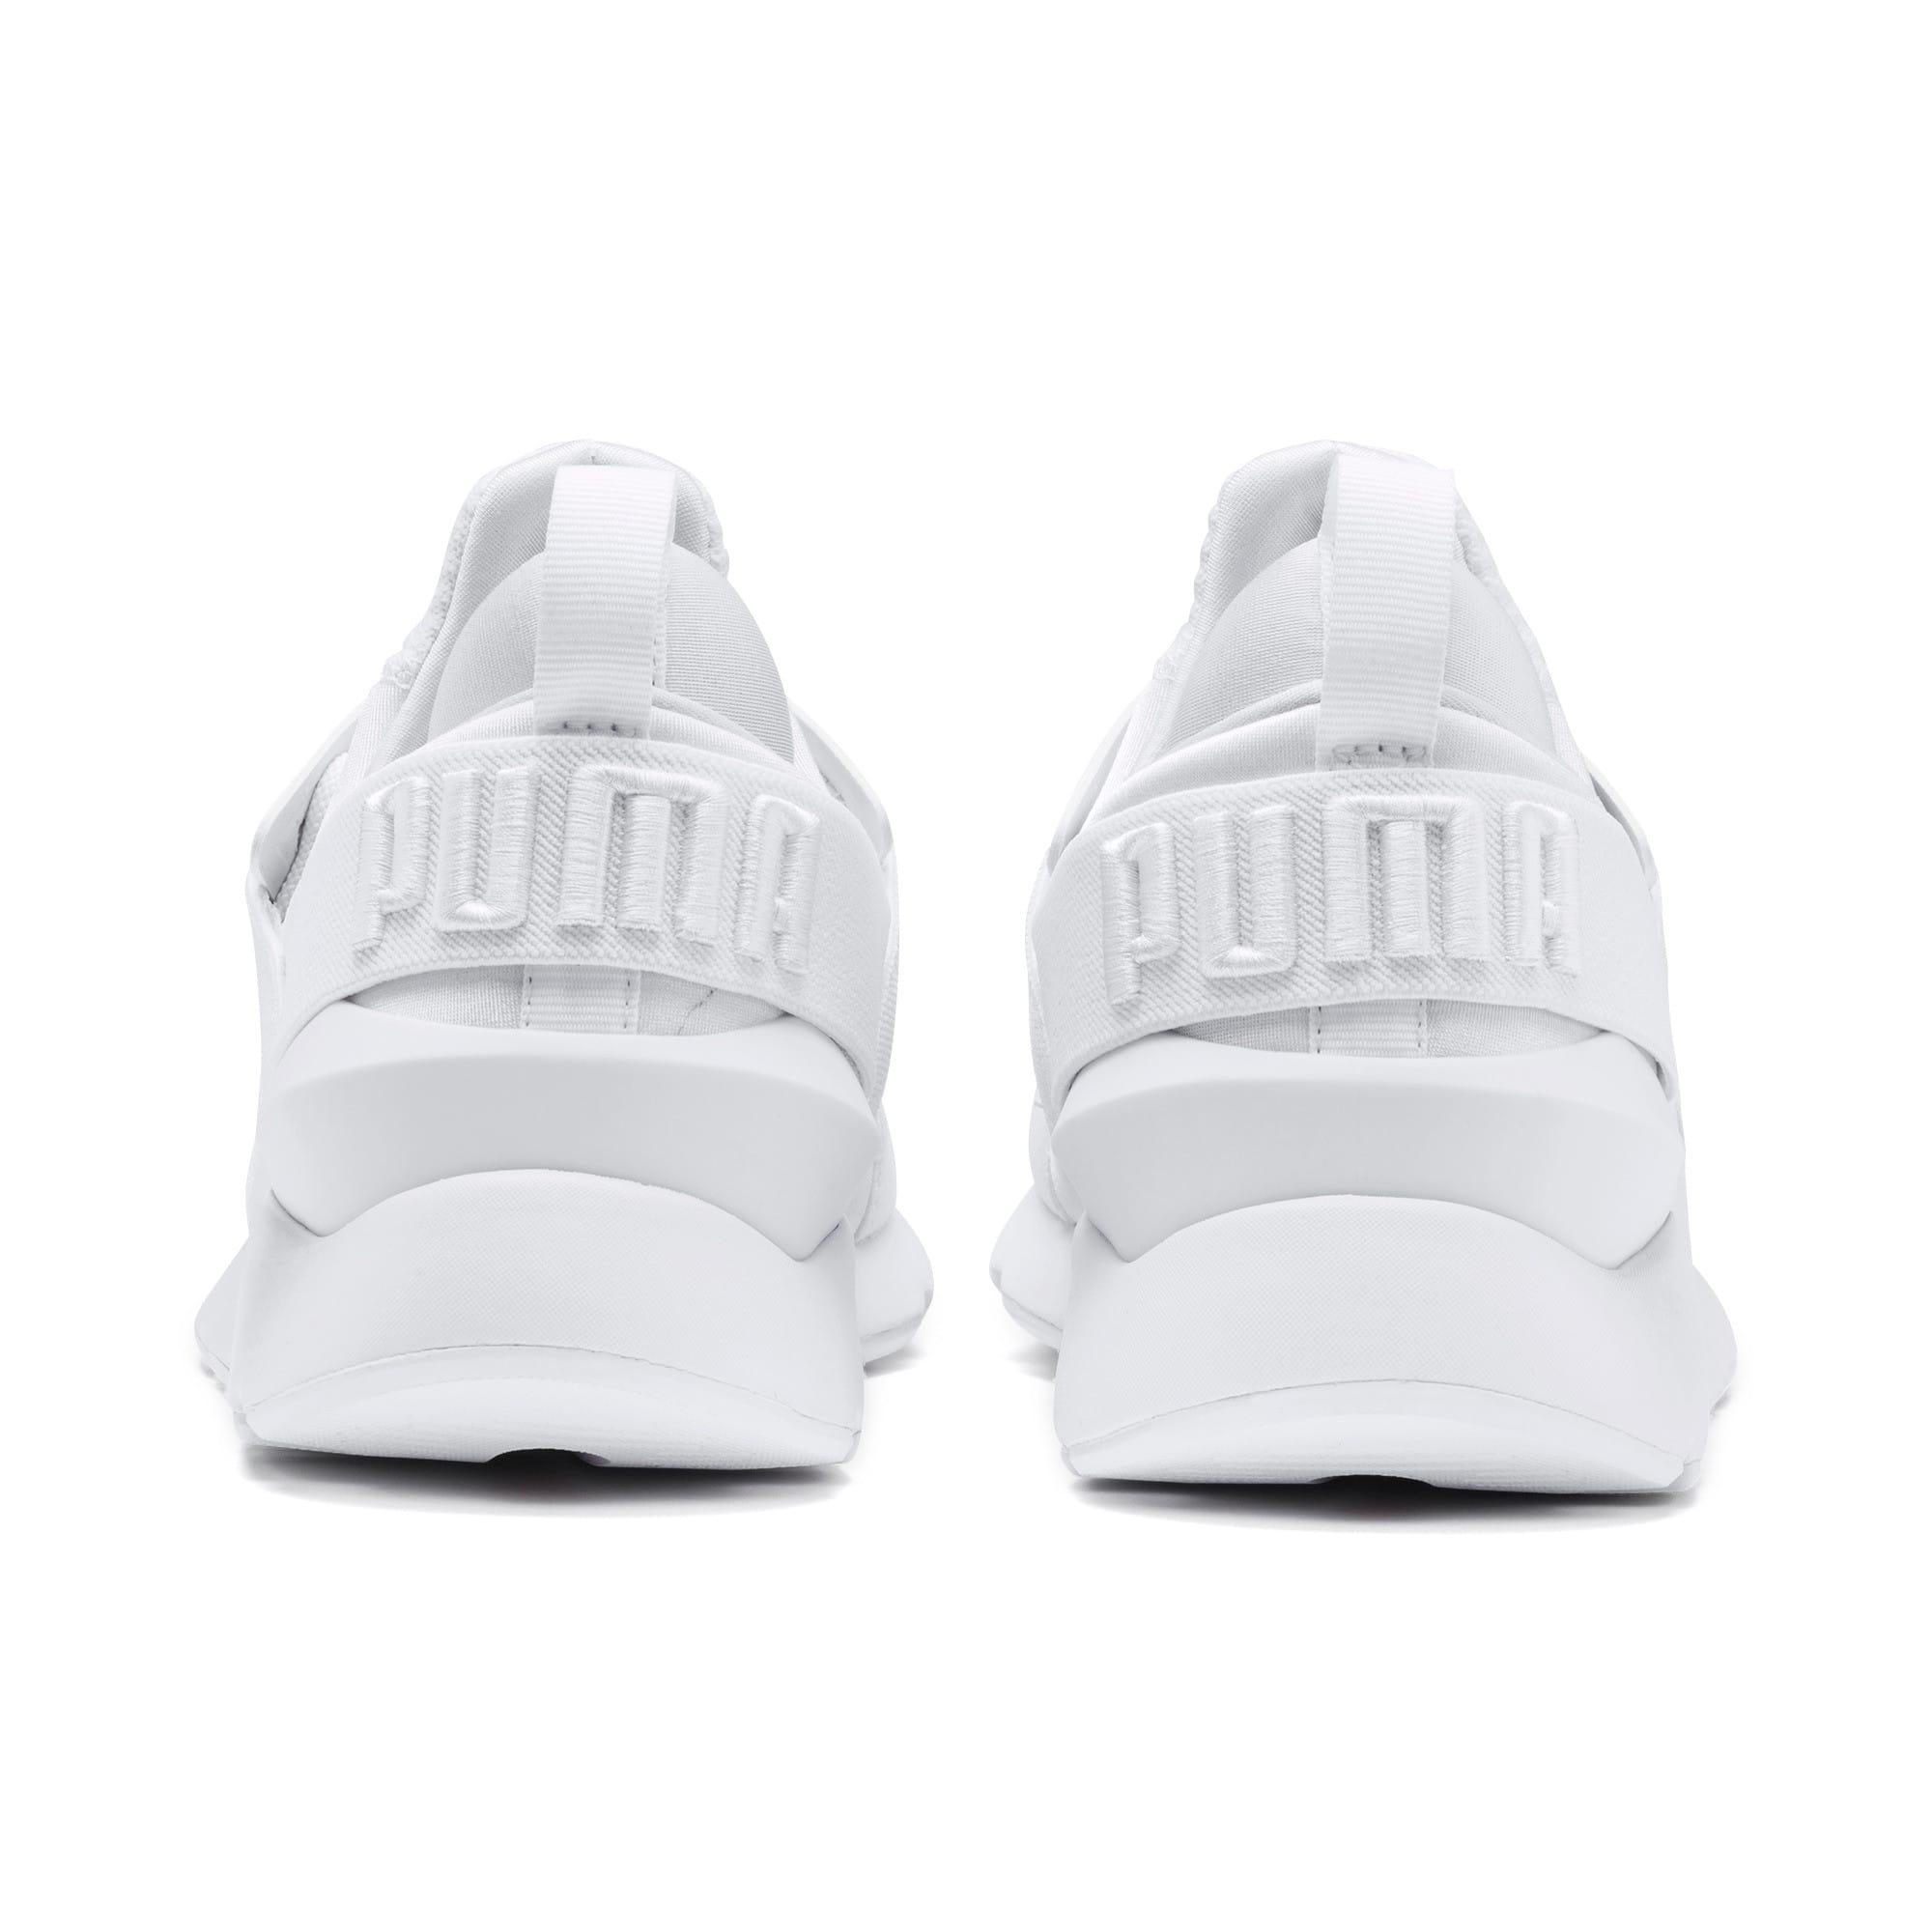 Thumbnail 3 of En Pointe Muse Satin Women's Sneakers, Puma White-Puma White, medium